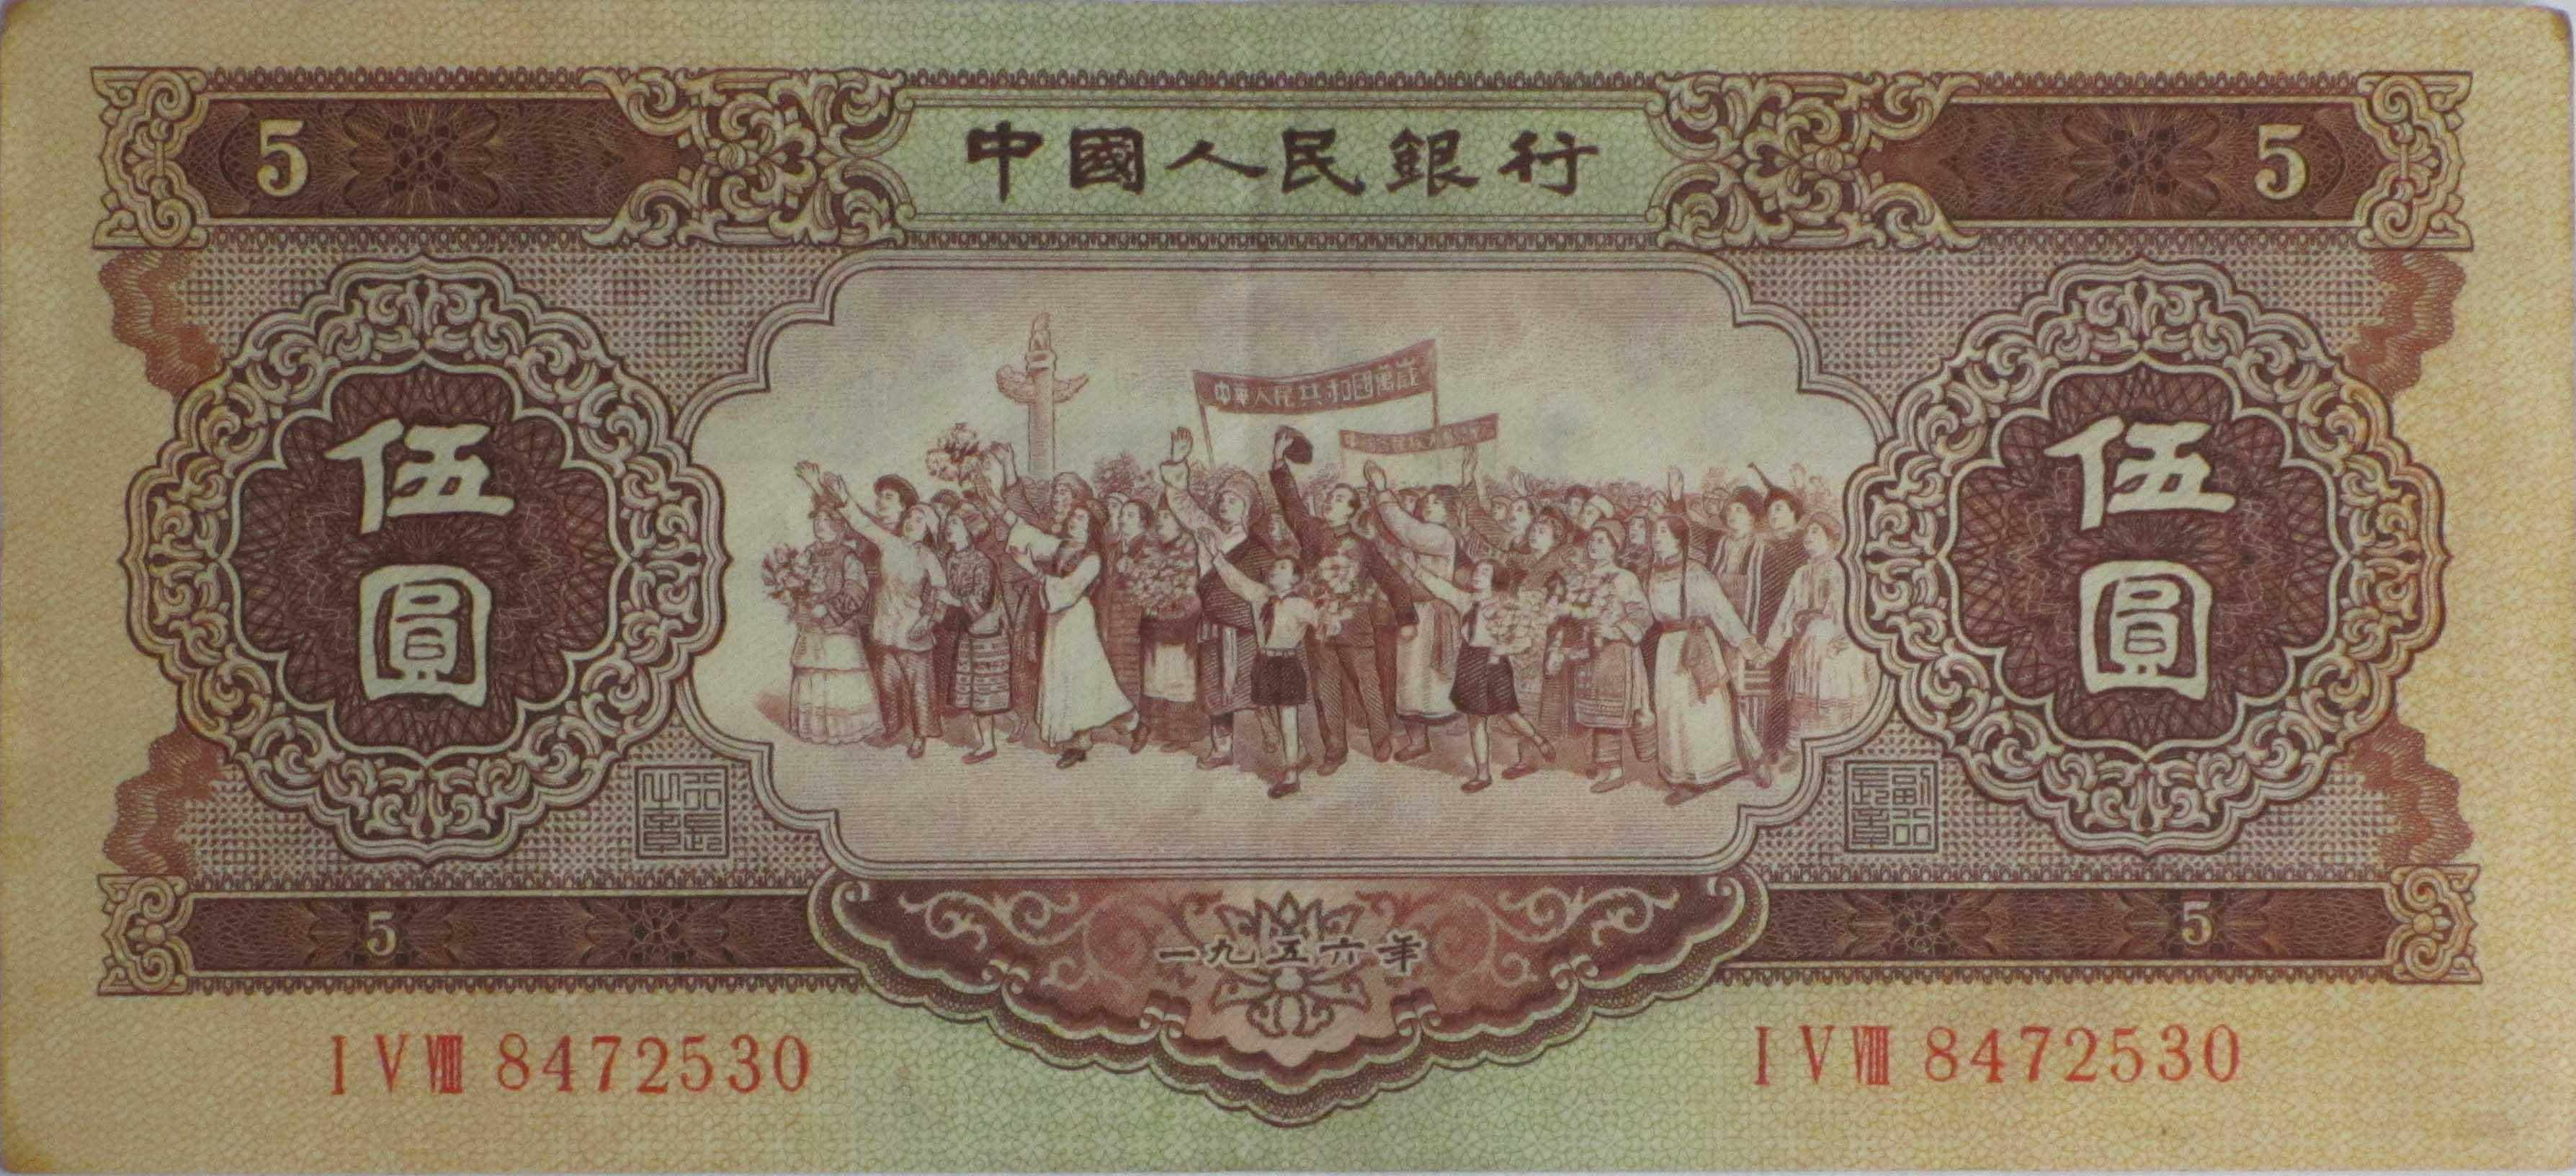 第二套人民币五元券 1956版